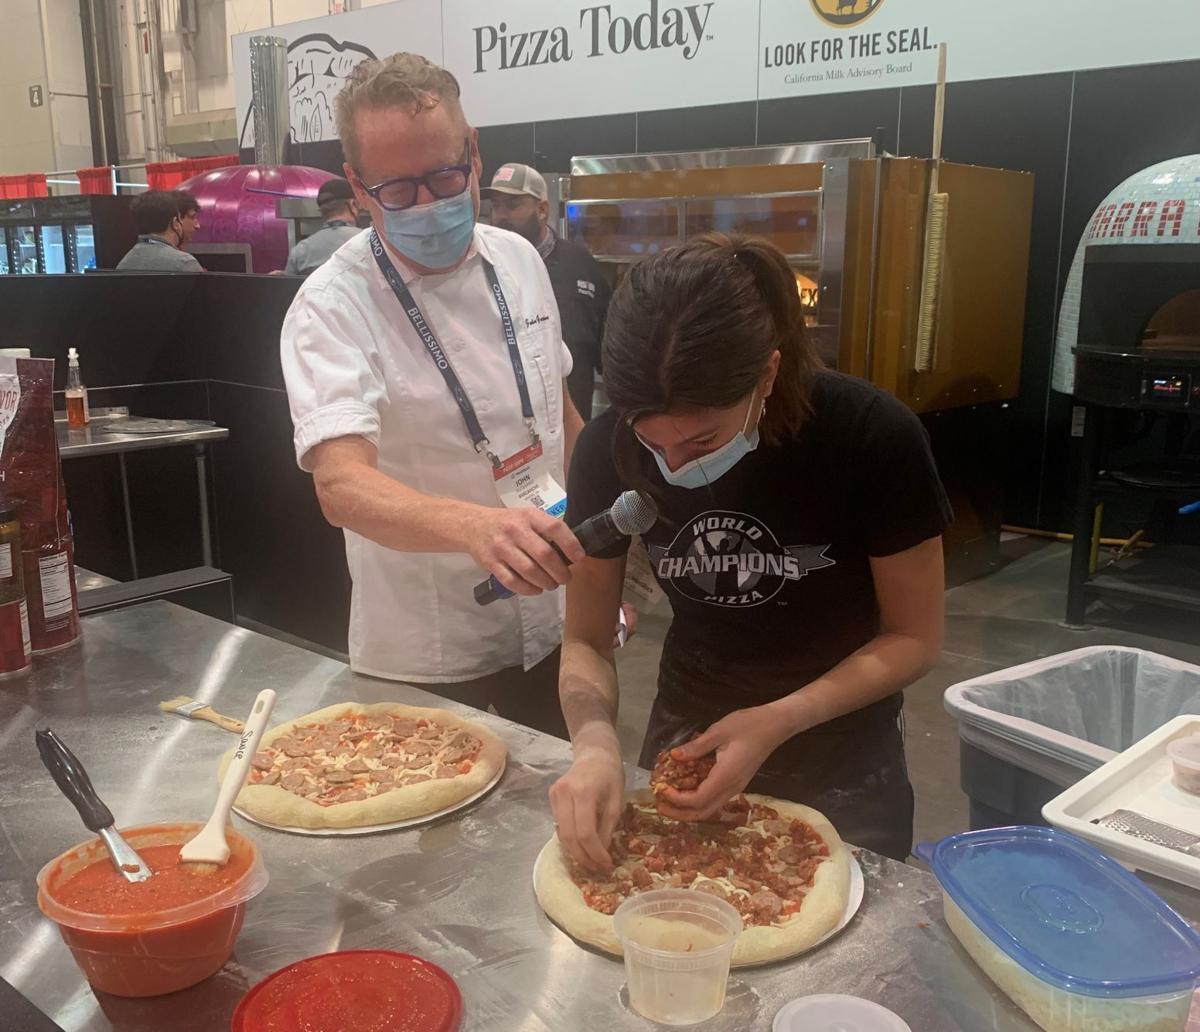 Teen pizza-maker captures regional title1